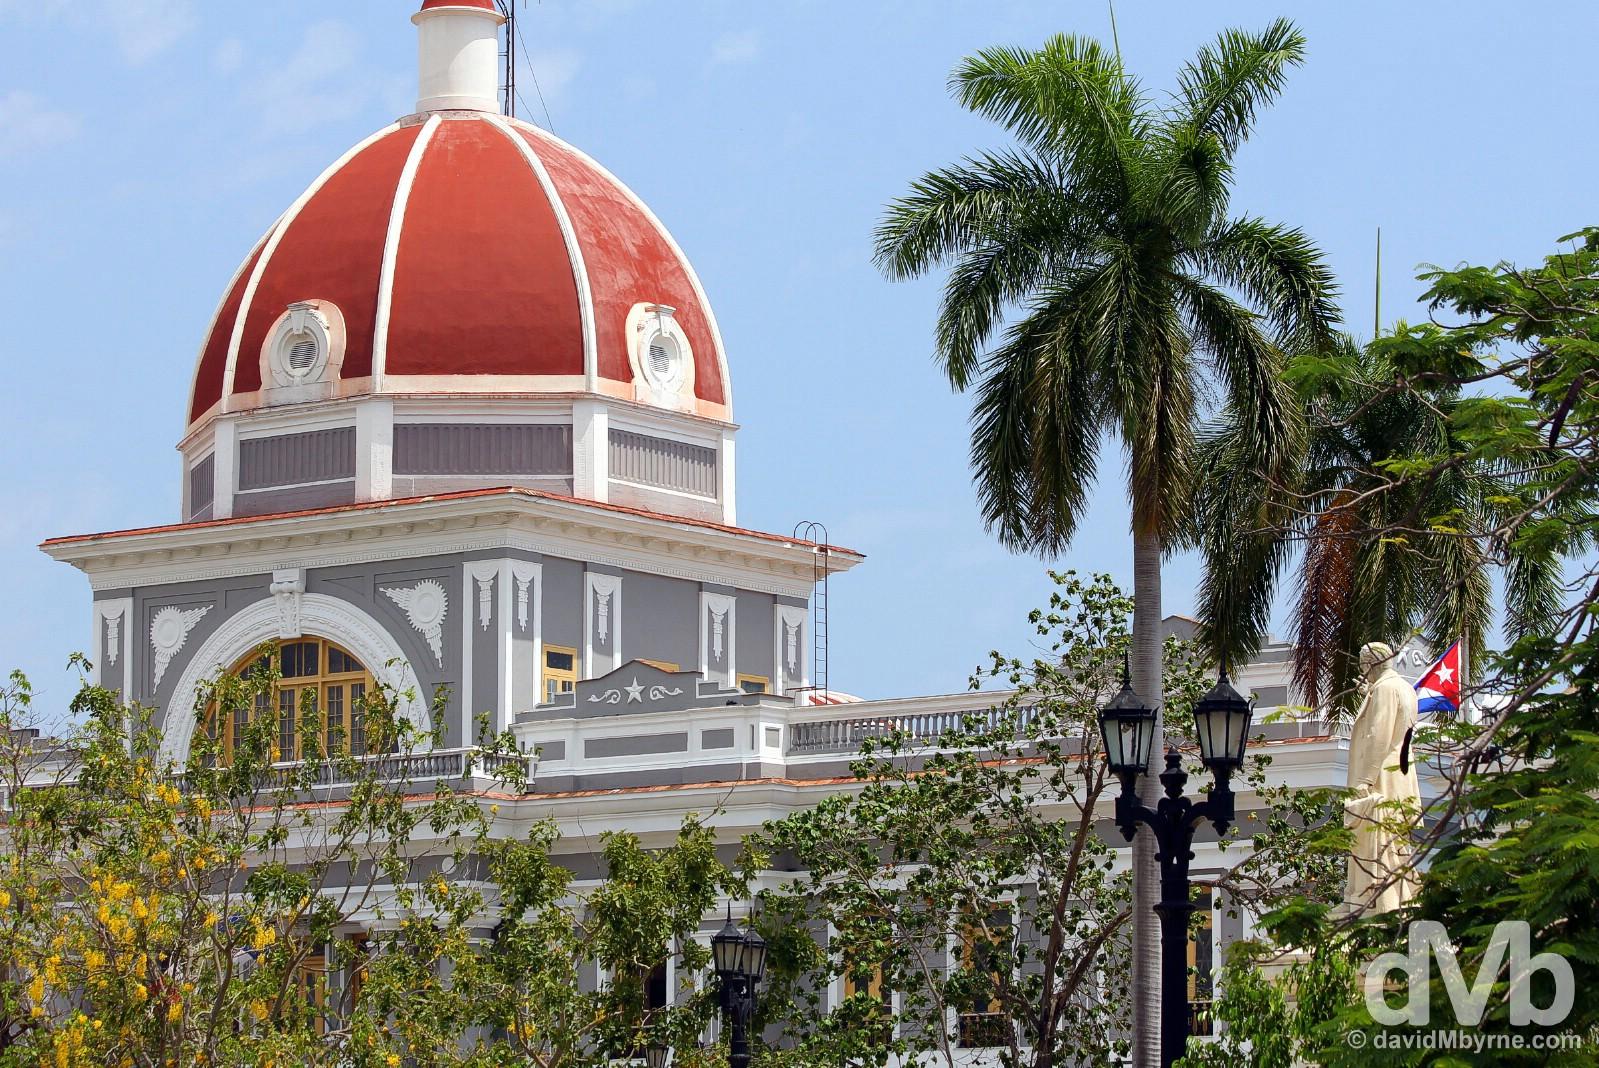 The central cupola of the Palacio de Gobierno as seen from Parque Jose Marti in Cienfuegos, Cuba. May 8, 2015.